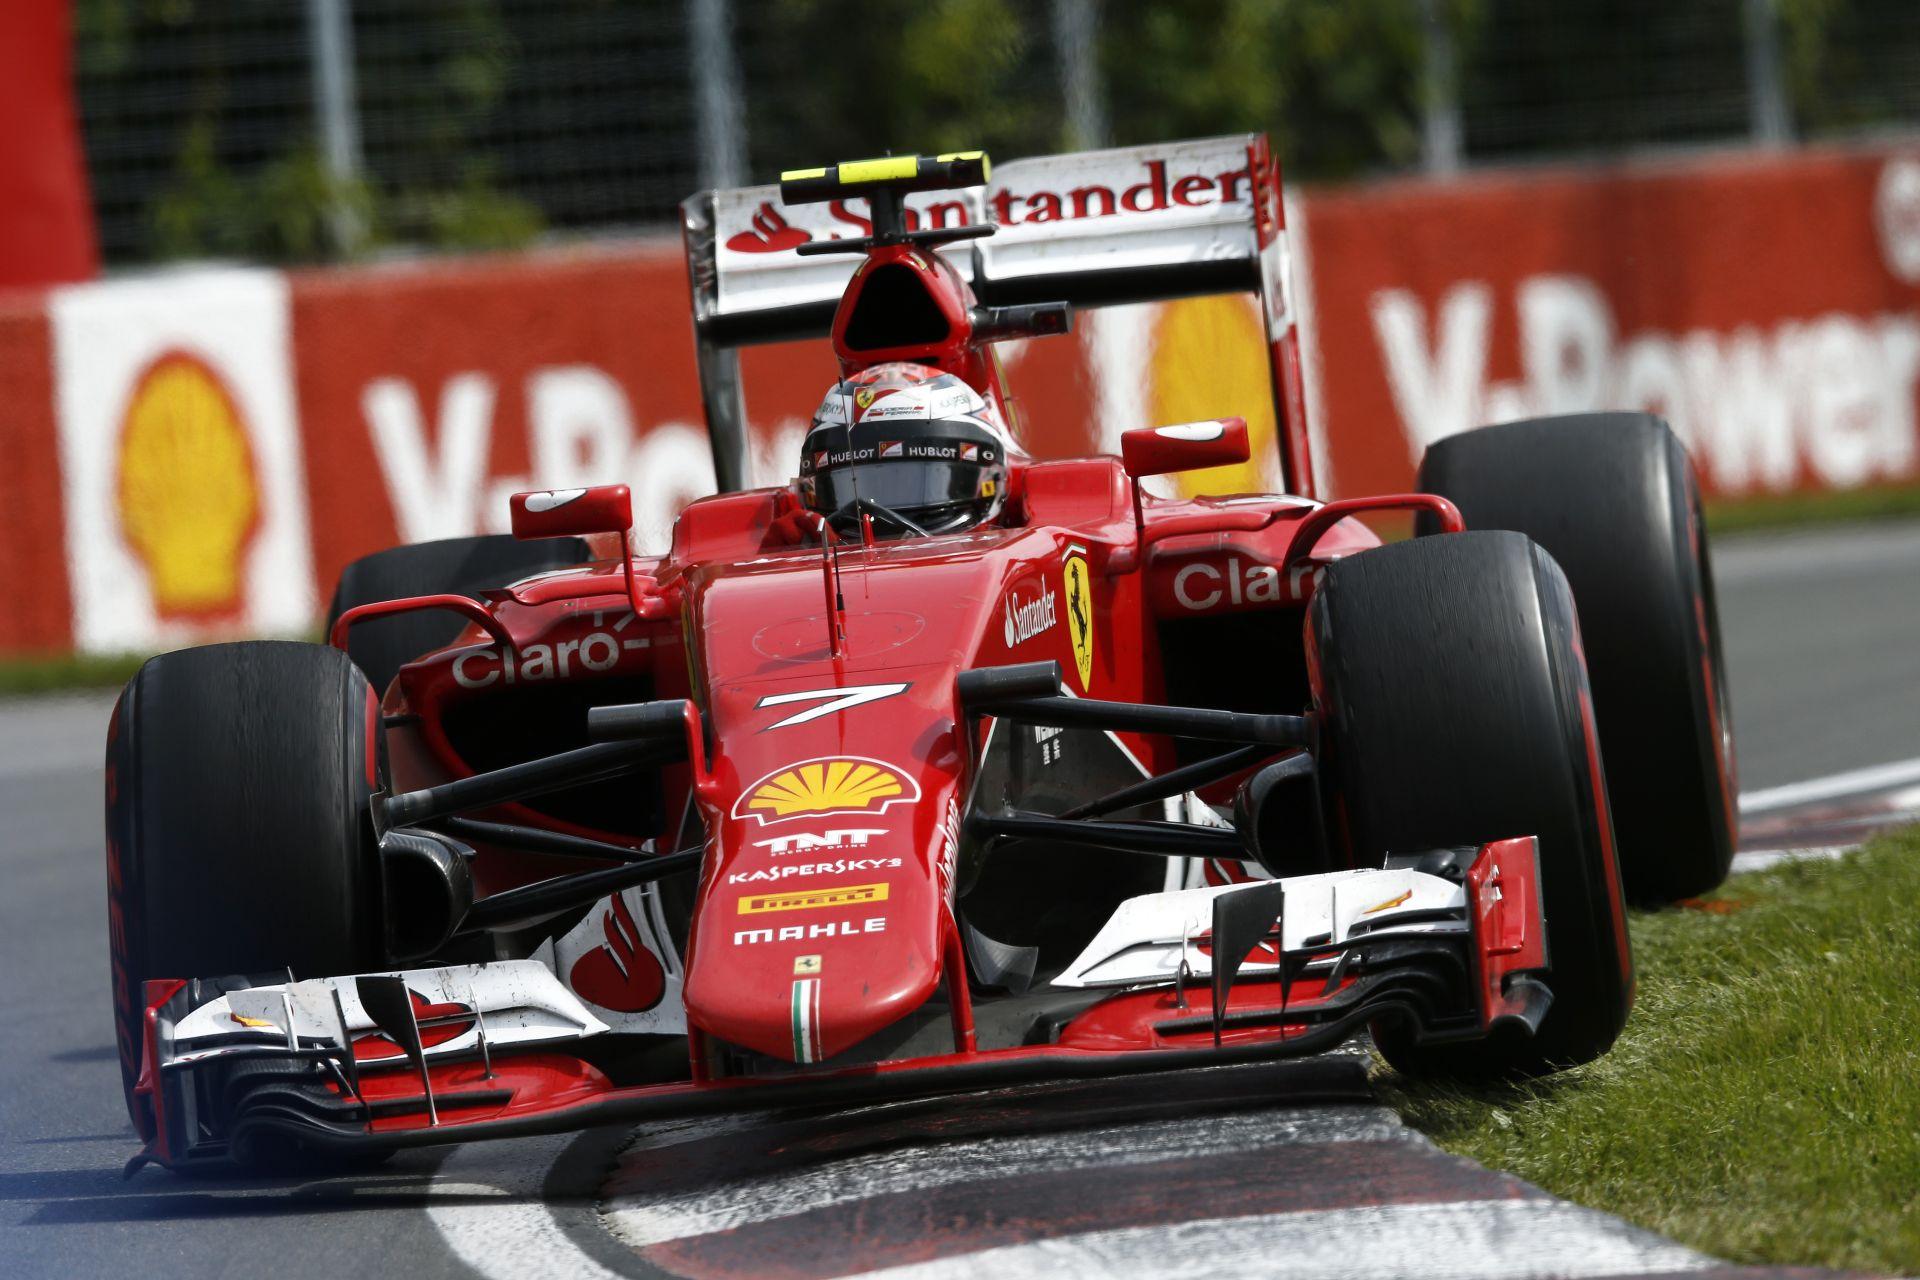 Hatalmas baleset: Raikkönen és Alonso rommá törte az autóját! BRUTÁLIS!